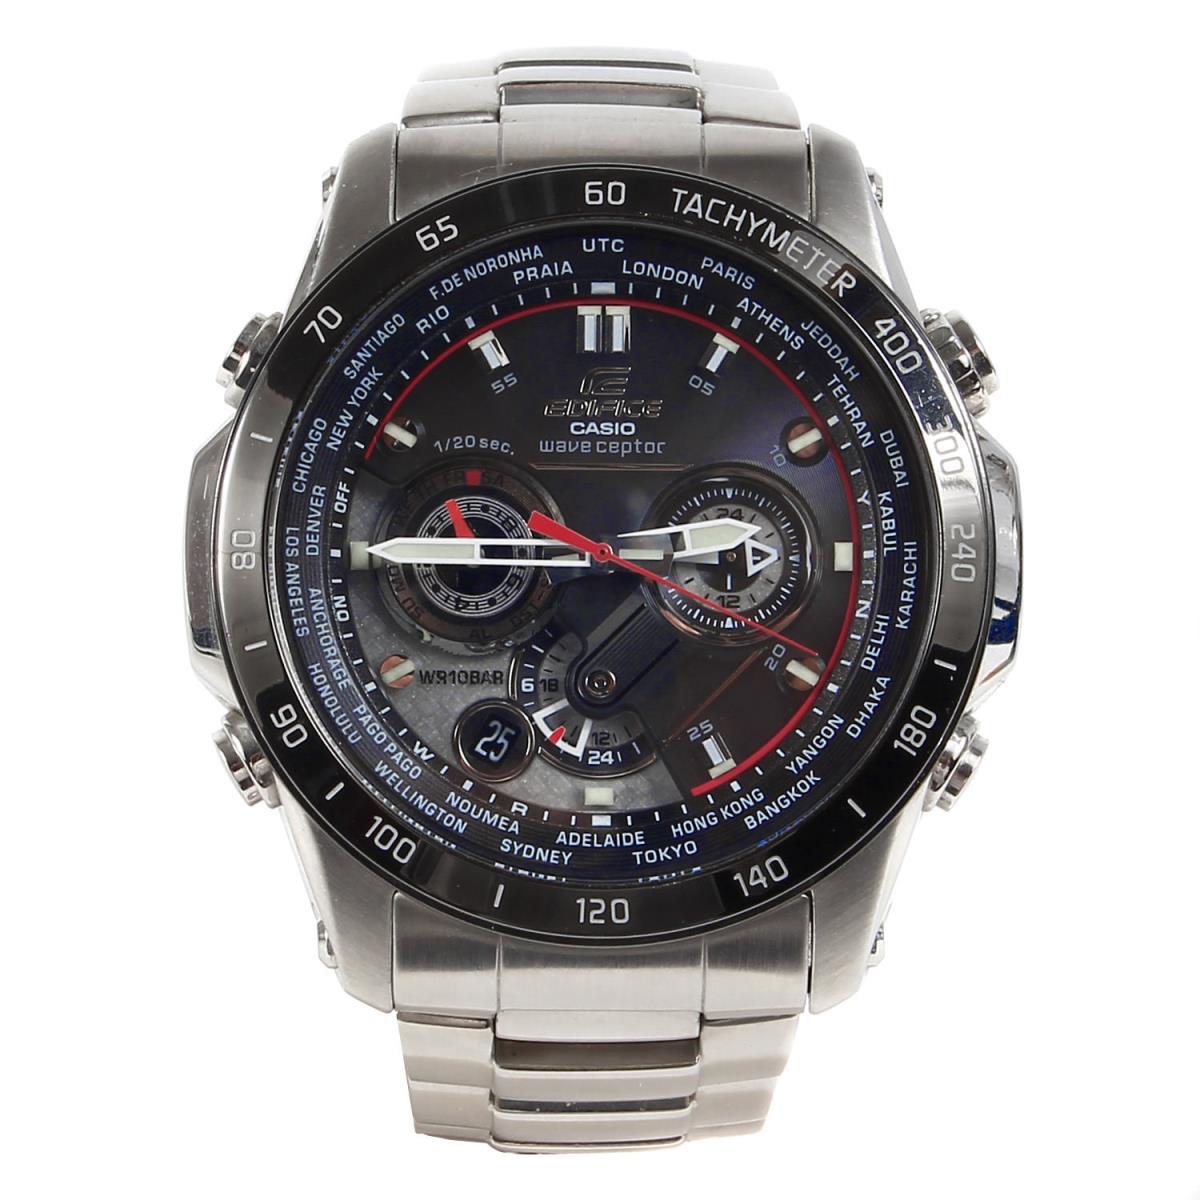 CASIO カシオ エディフィス タフソーラー 電波腕時計 / ウォッチ EDIFICE EQW-M1000D シルバー ブラック文字盤 【メンズ】【中古】【美品】【K2781】